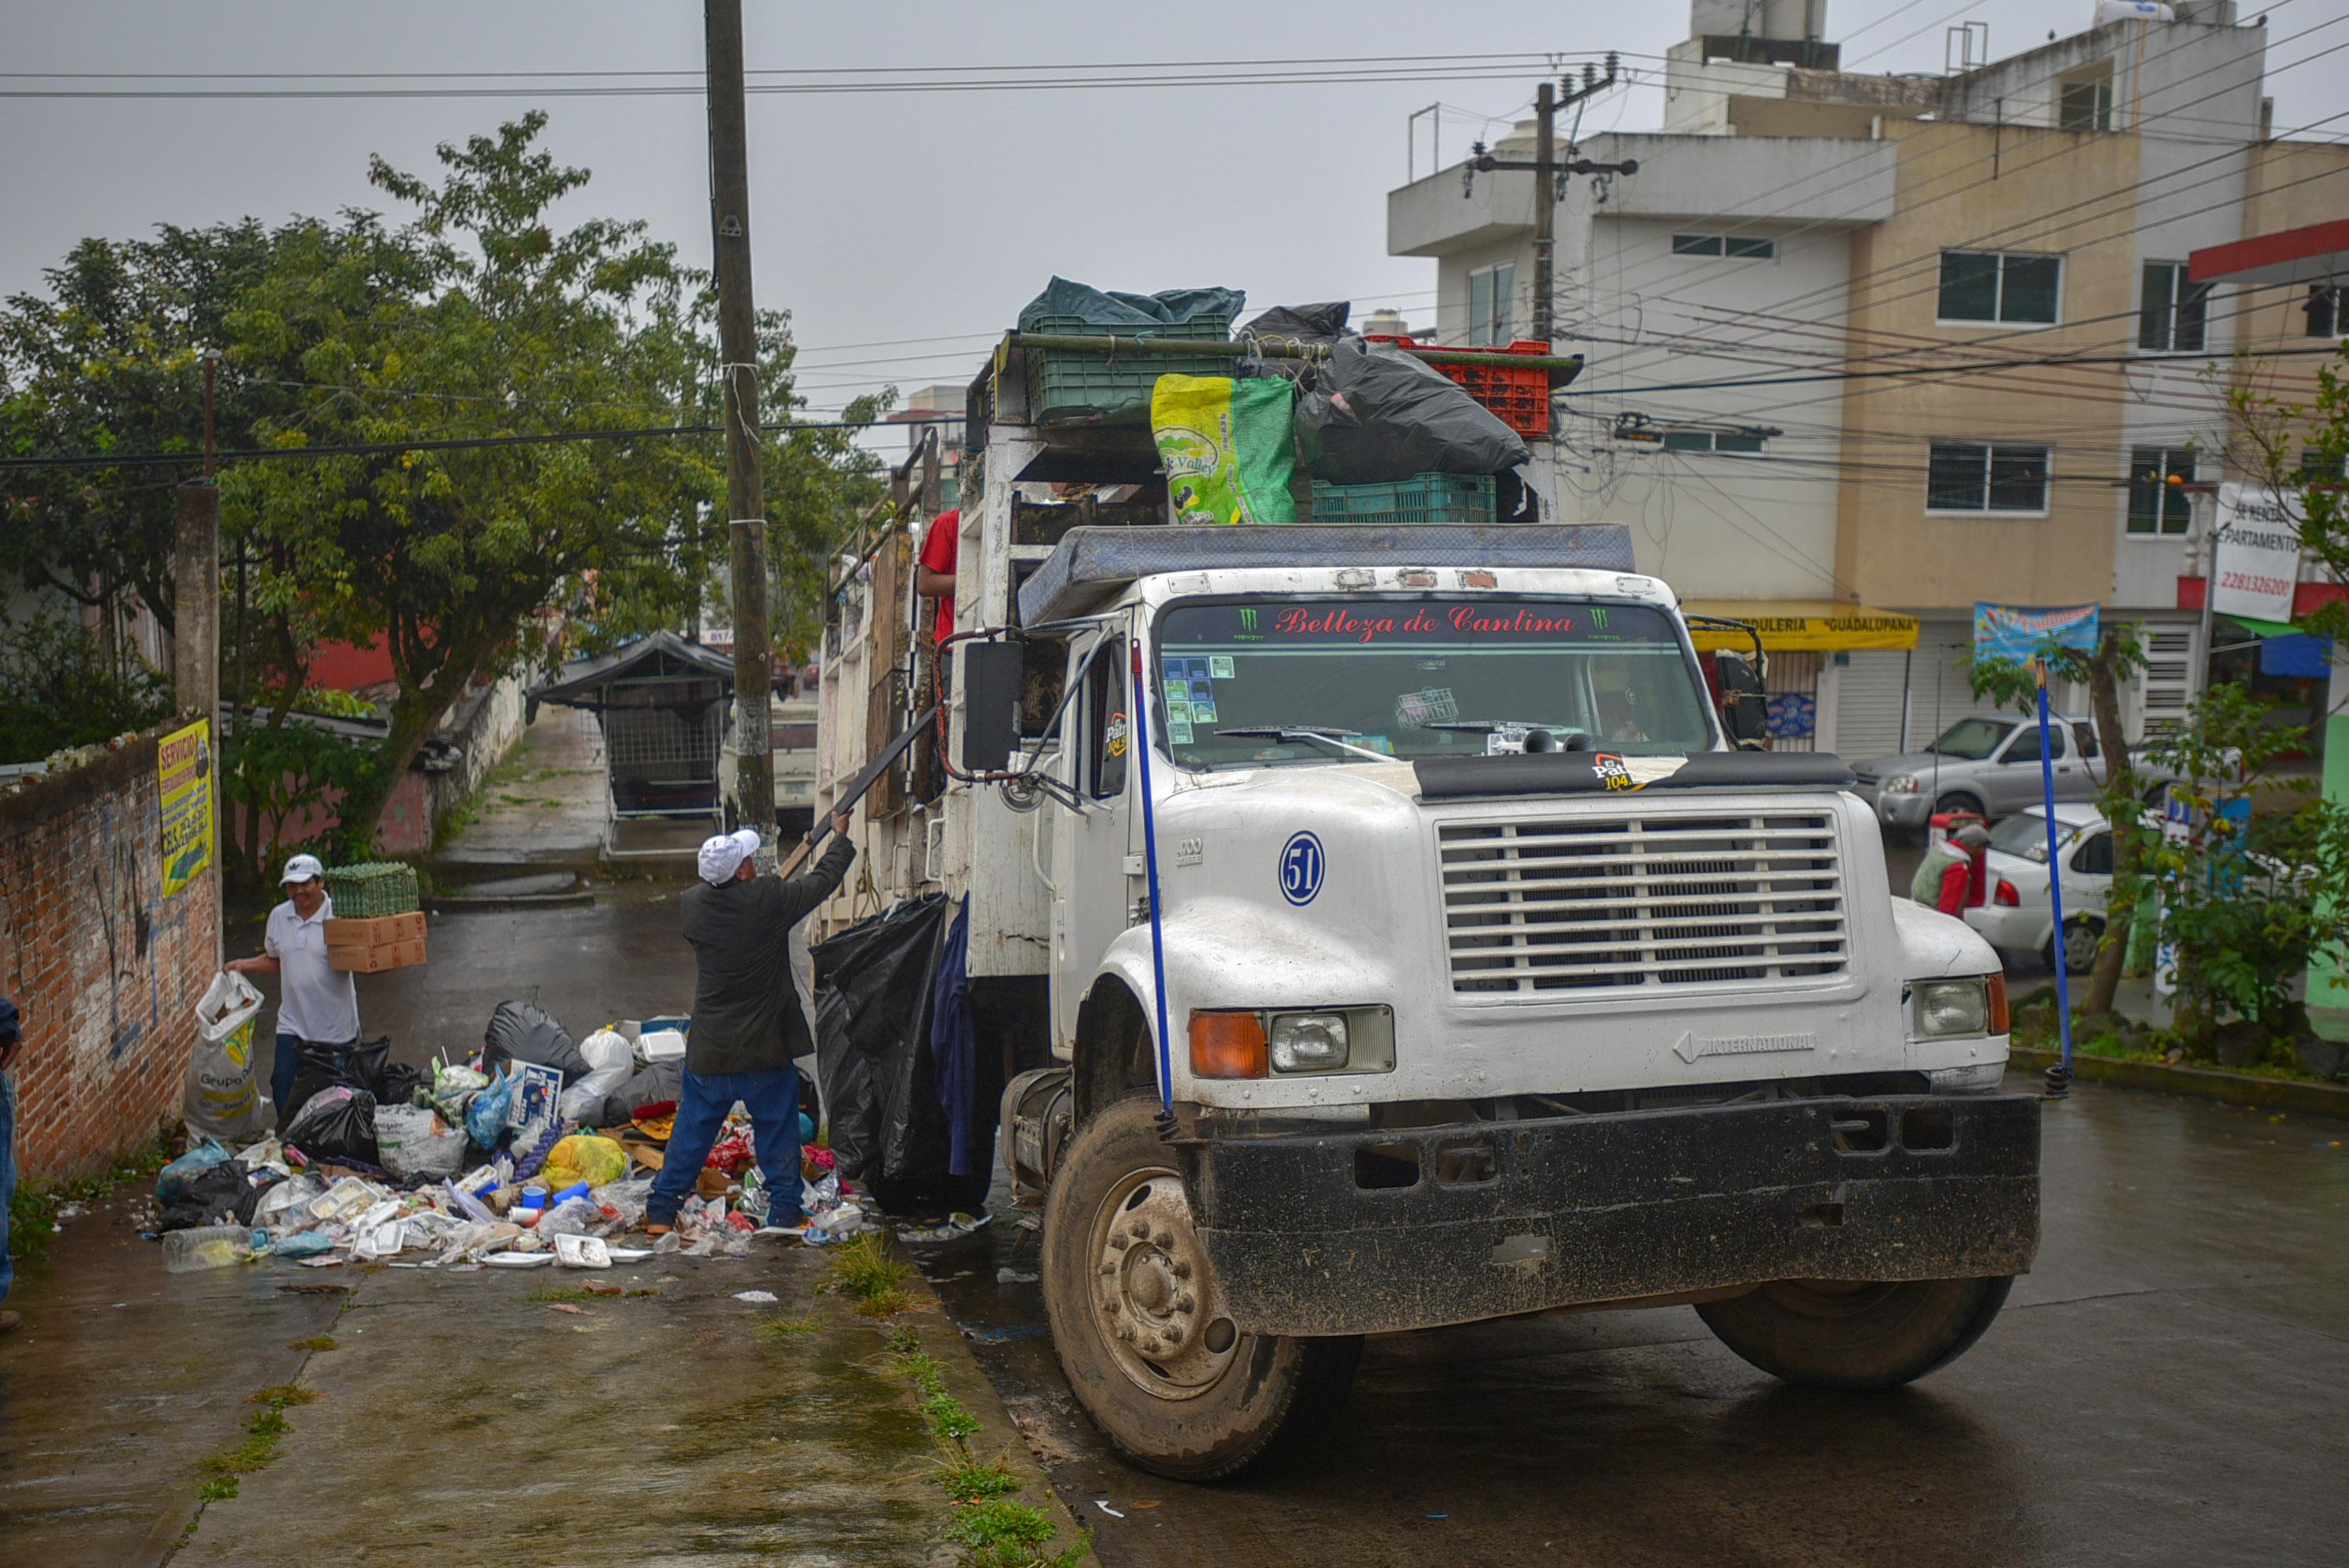 En Xalapa, se suspenderá el servicio de  recolección de residuos el 1 de enero